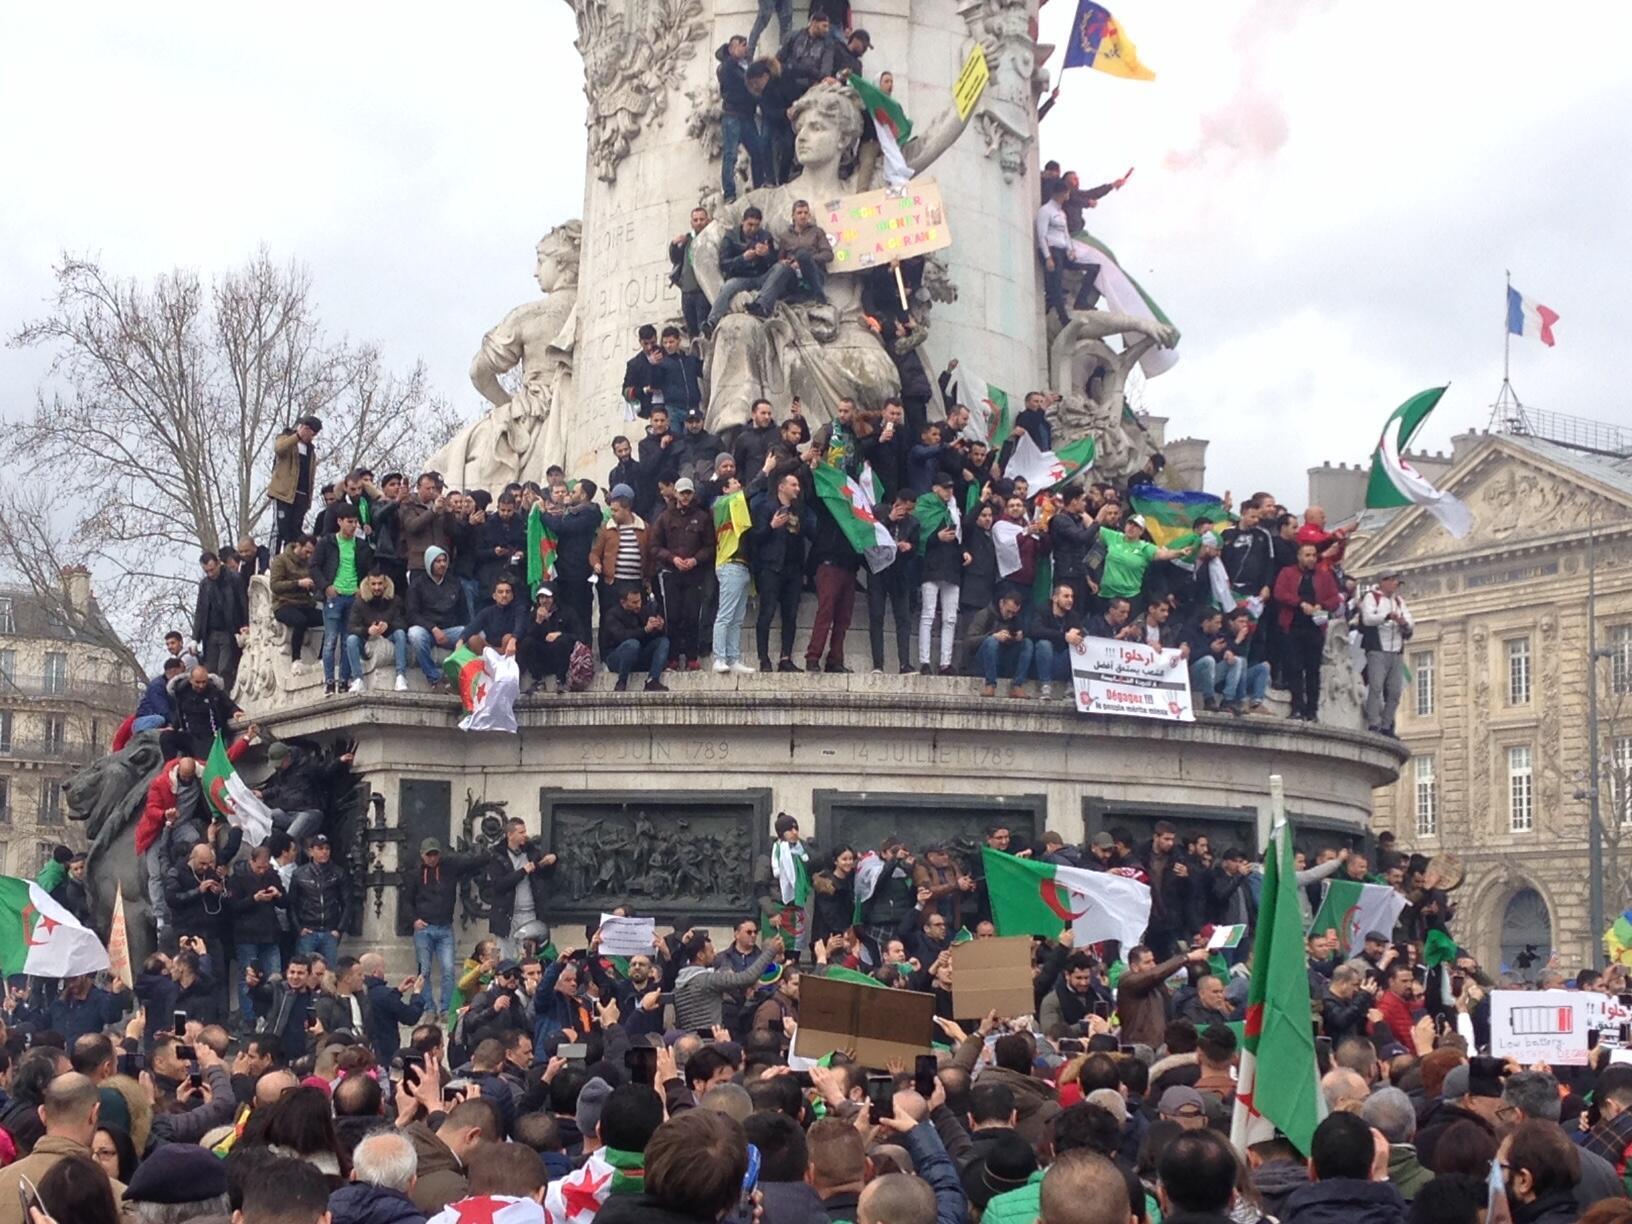 Los manifestantes rechazan la posibilidad de un quinto mandato de Buteflika en la Plaza de la República, París, este 3 de marzo de 2019.